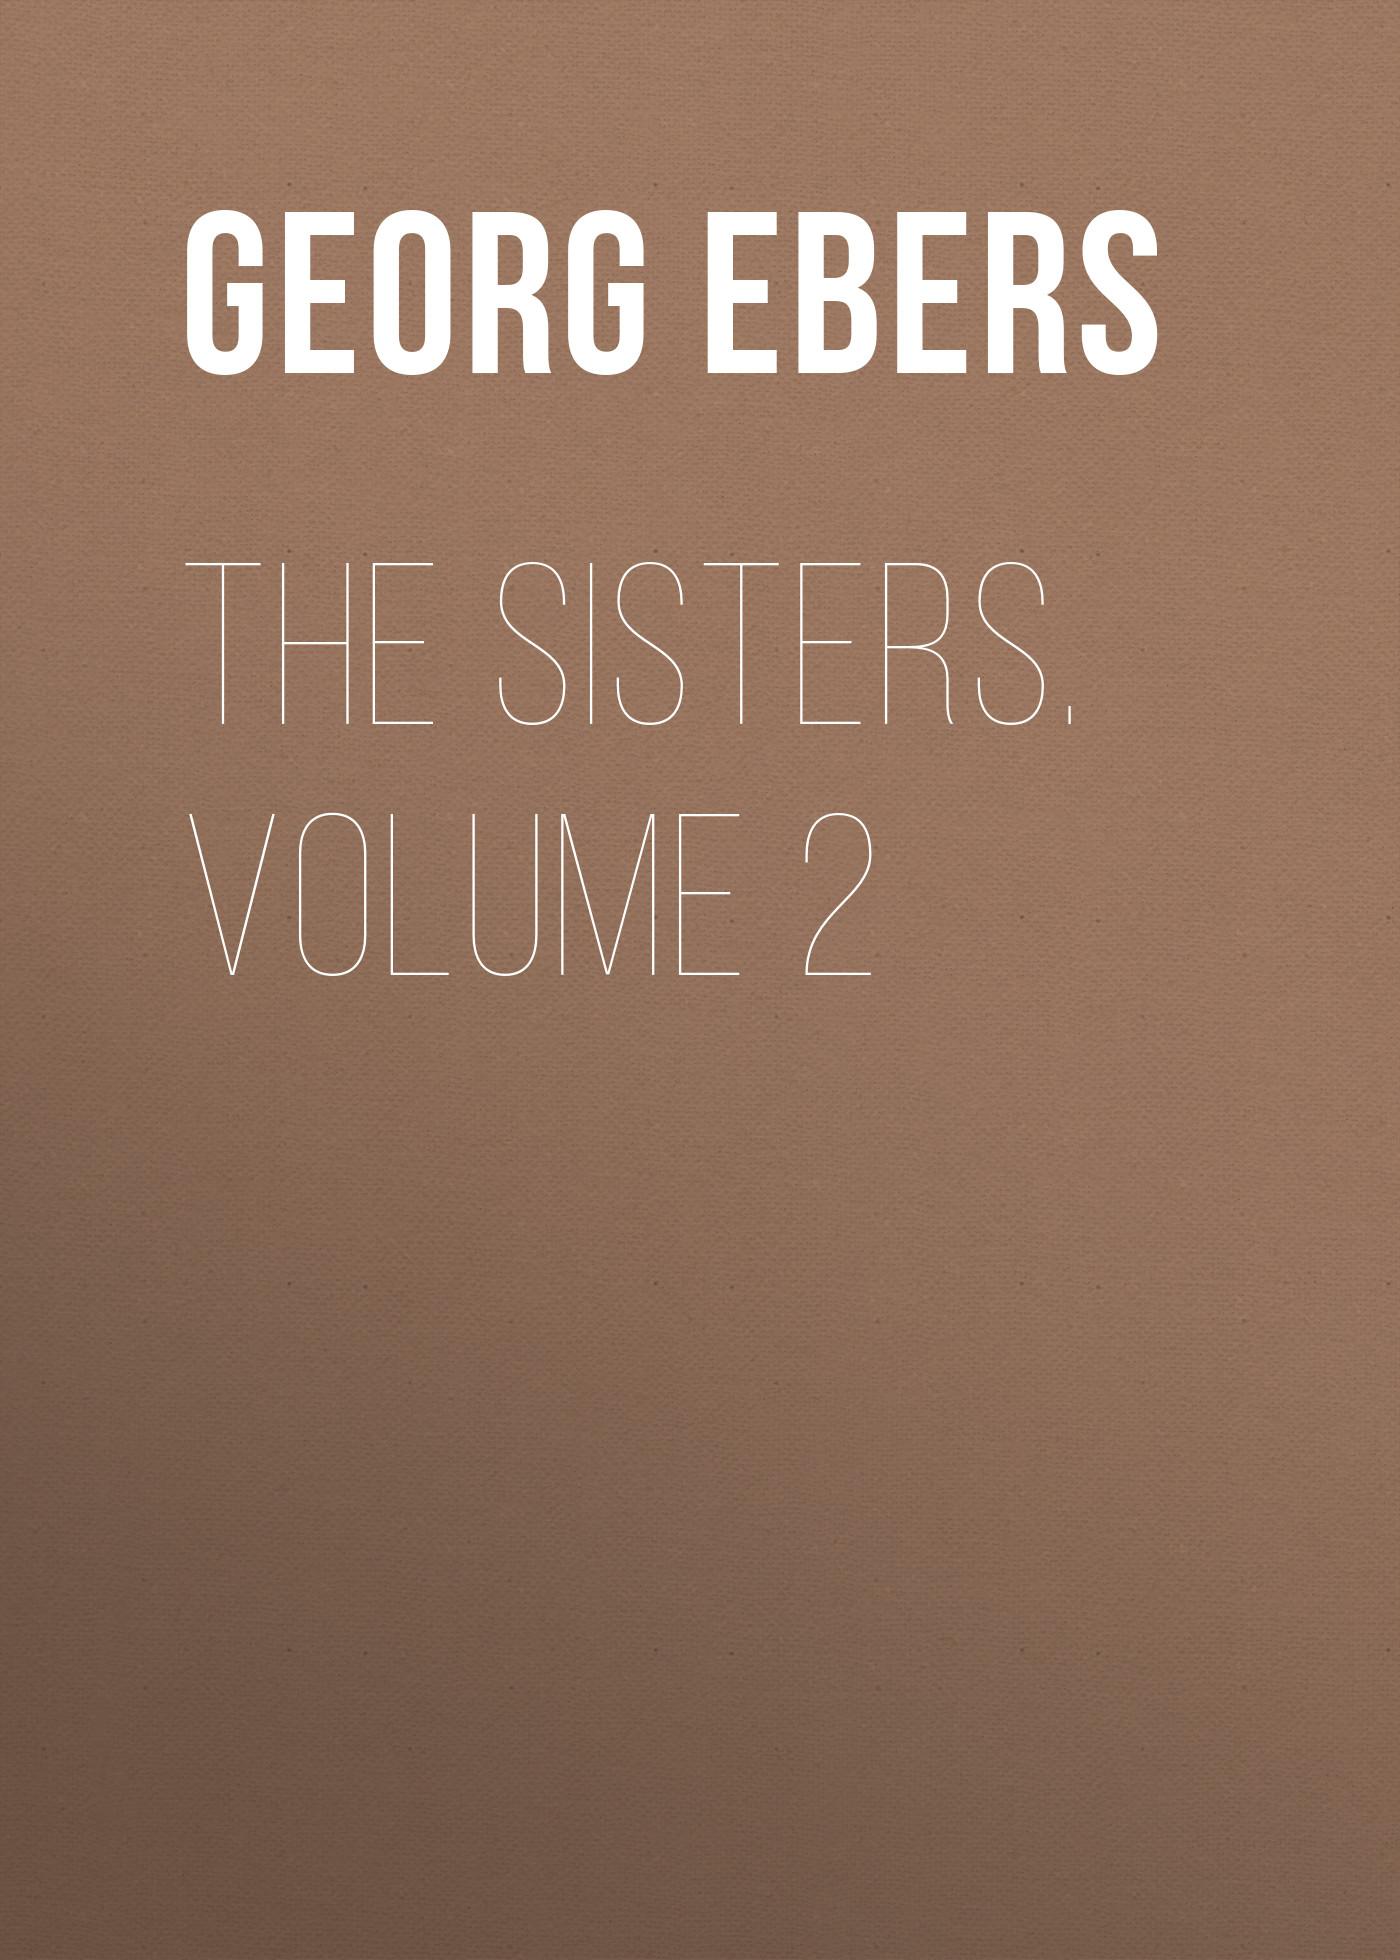 Georg Ebers The Sisters. Volume 2 brandes georg morris wolfgang goethe volume 2